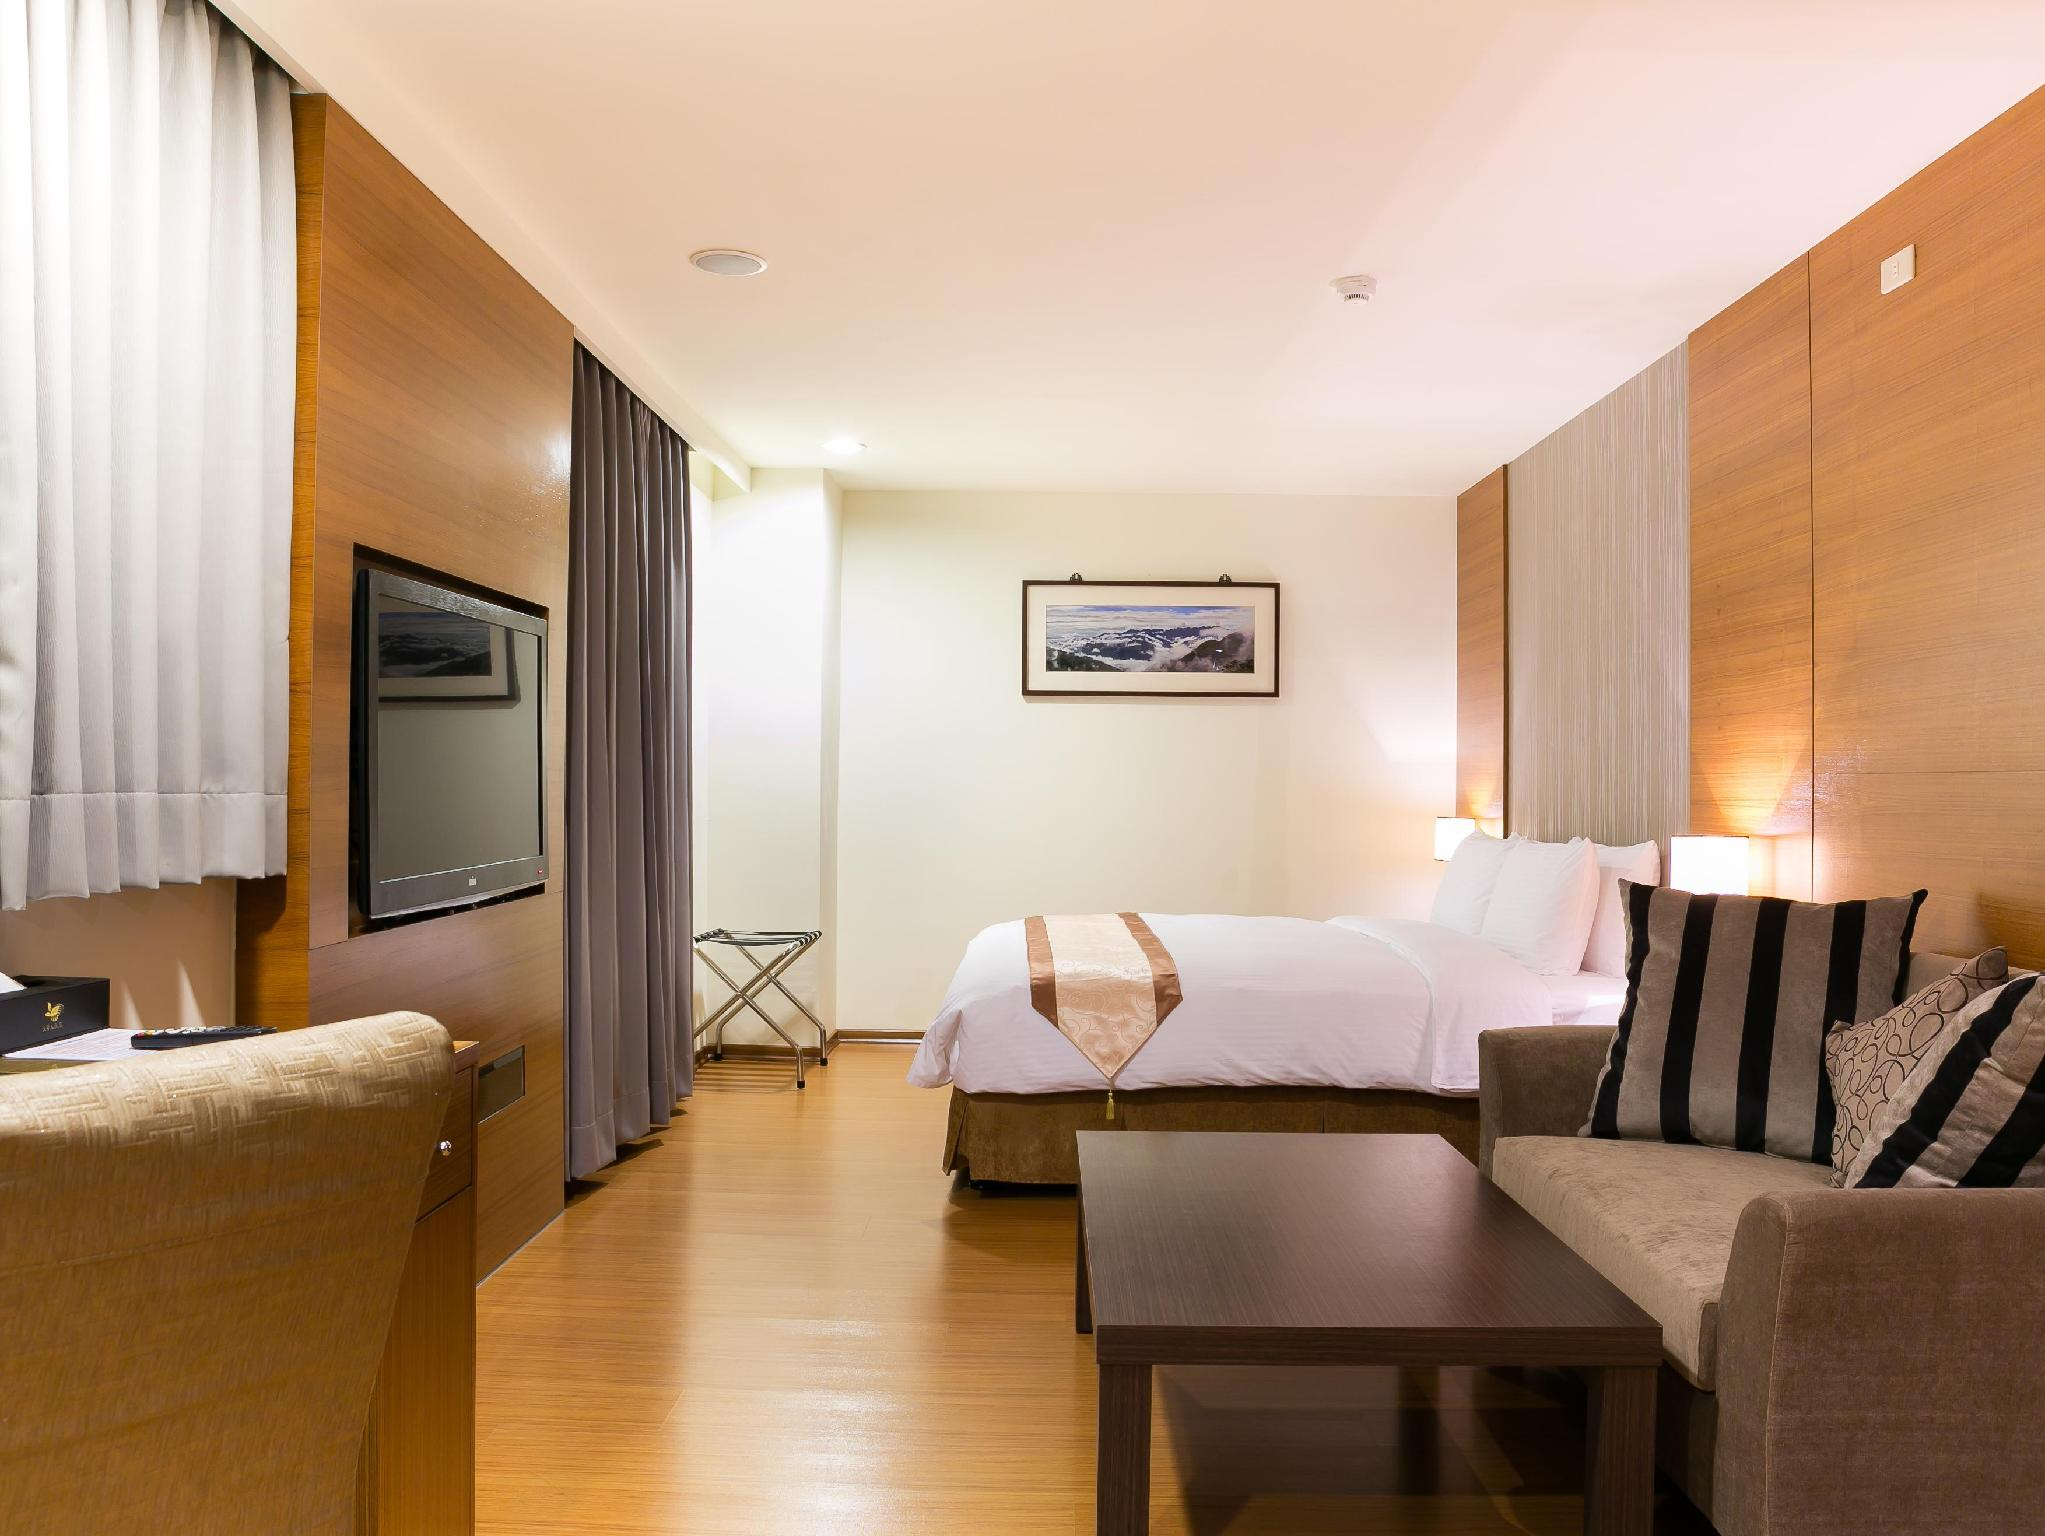 新竹縣悅豪大飯店 - 竹北館 (Yuhao Hotel - Zhubei)線上訂房|Agoda.com